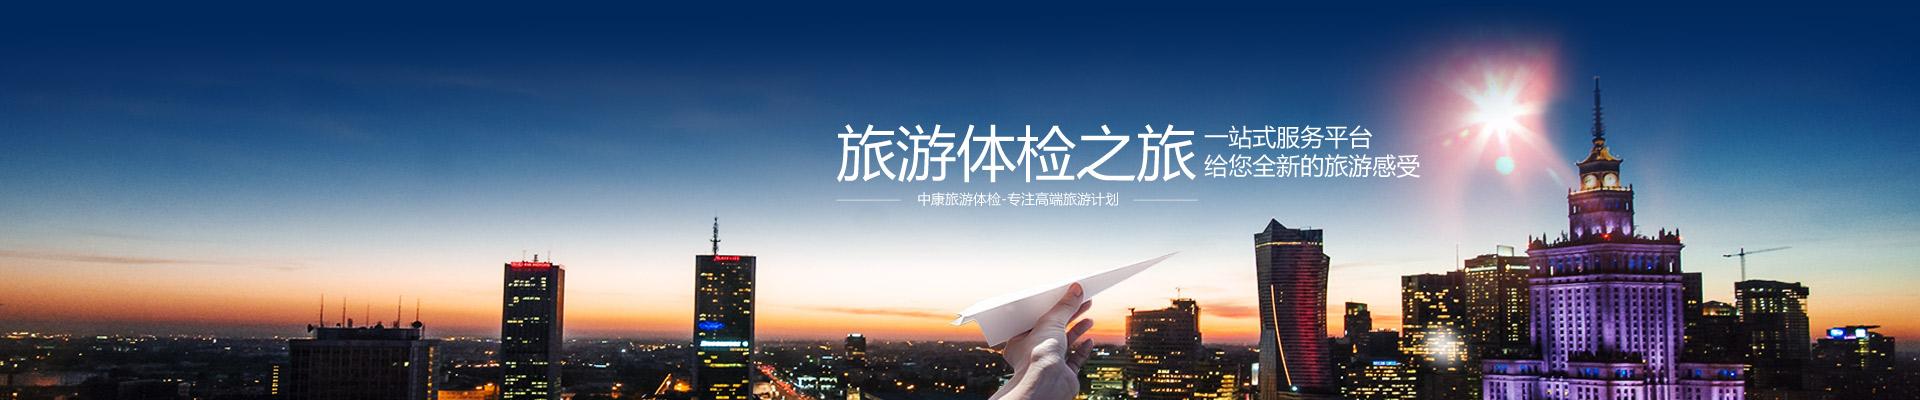 日本体检旅游,让您享受优质的日本体检服务